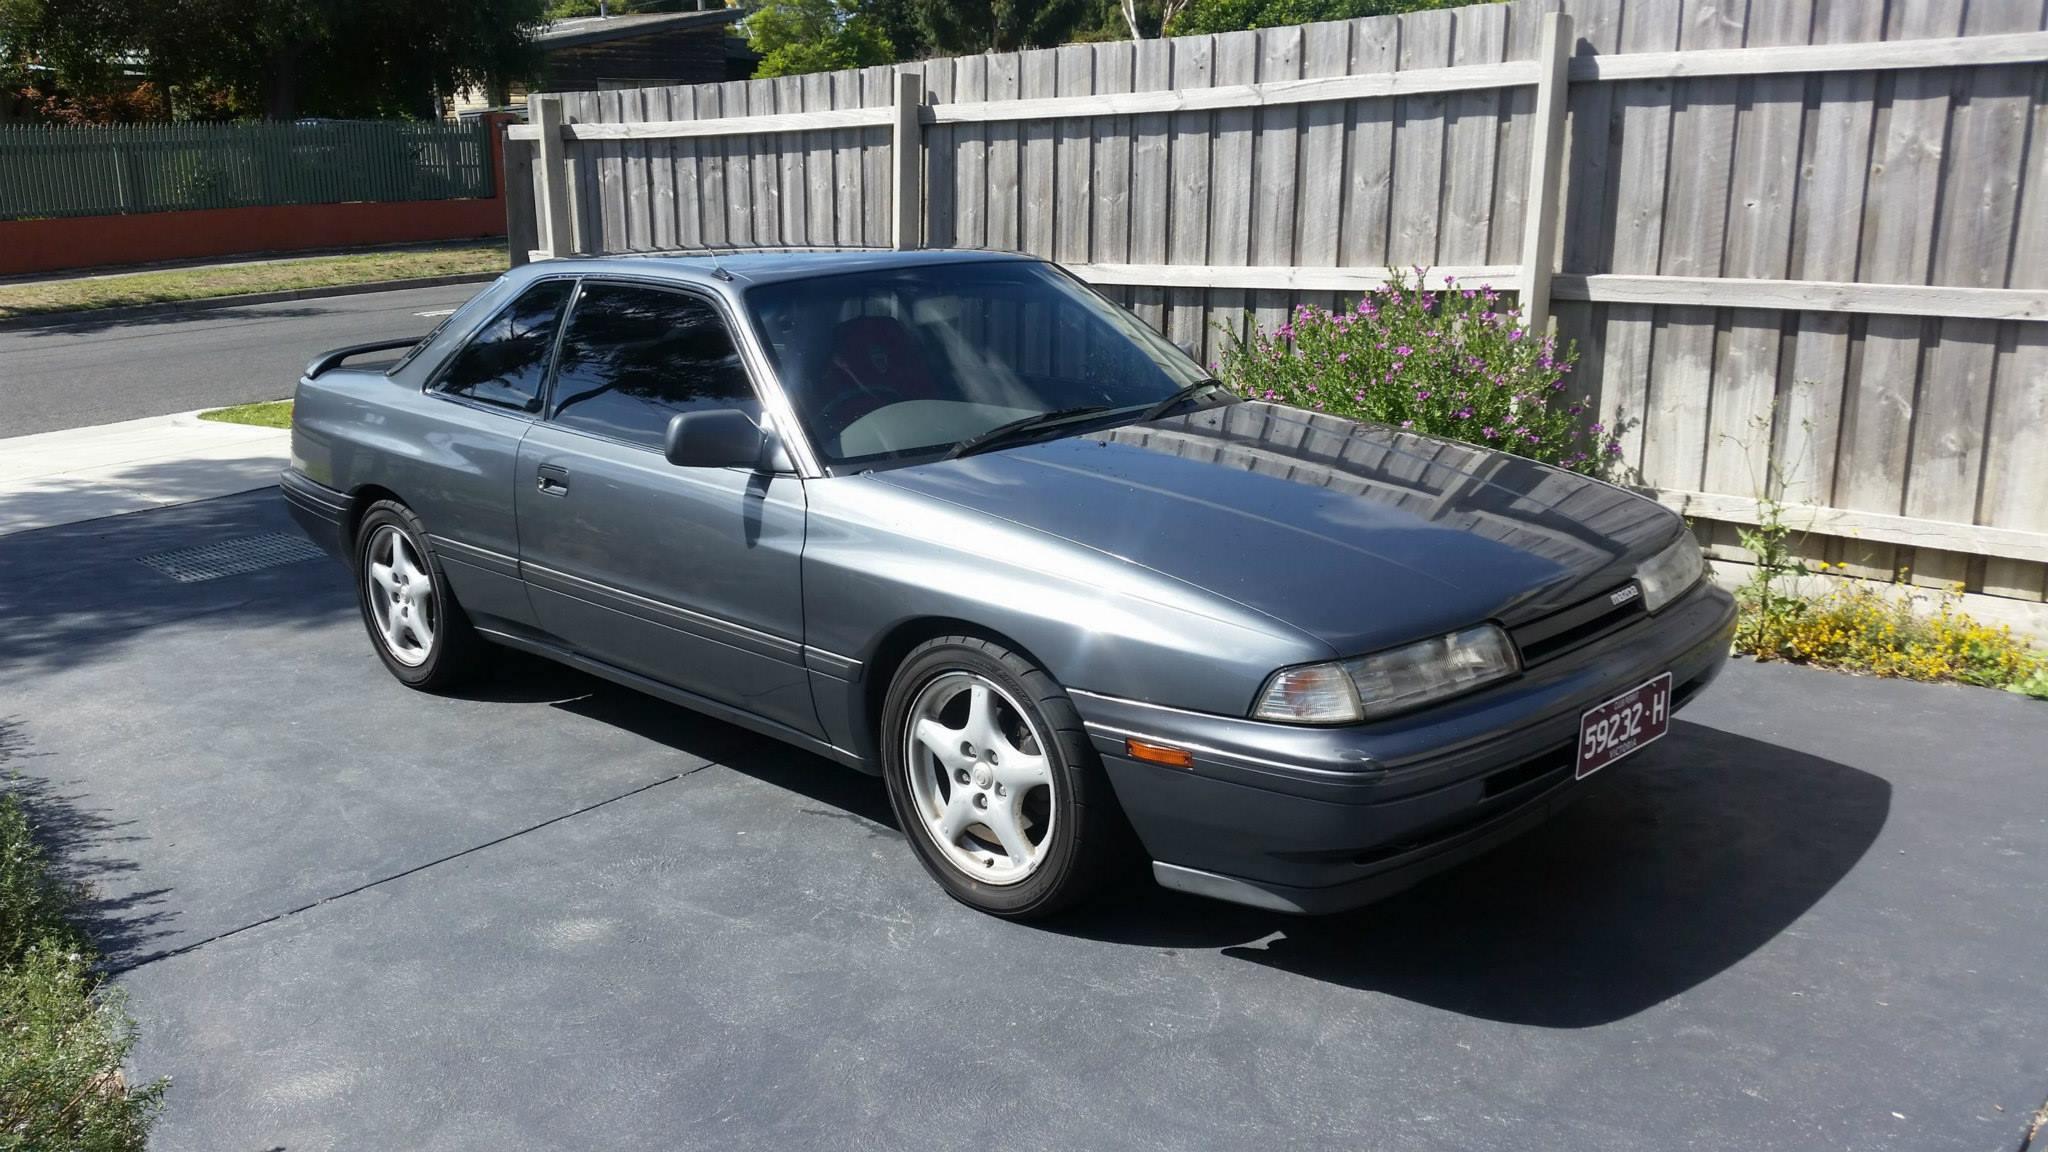 1990 Mazda Mx6 Turbo